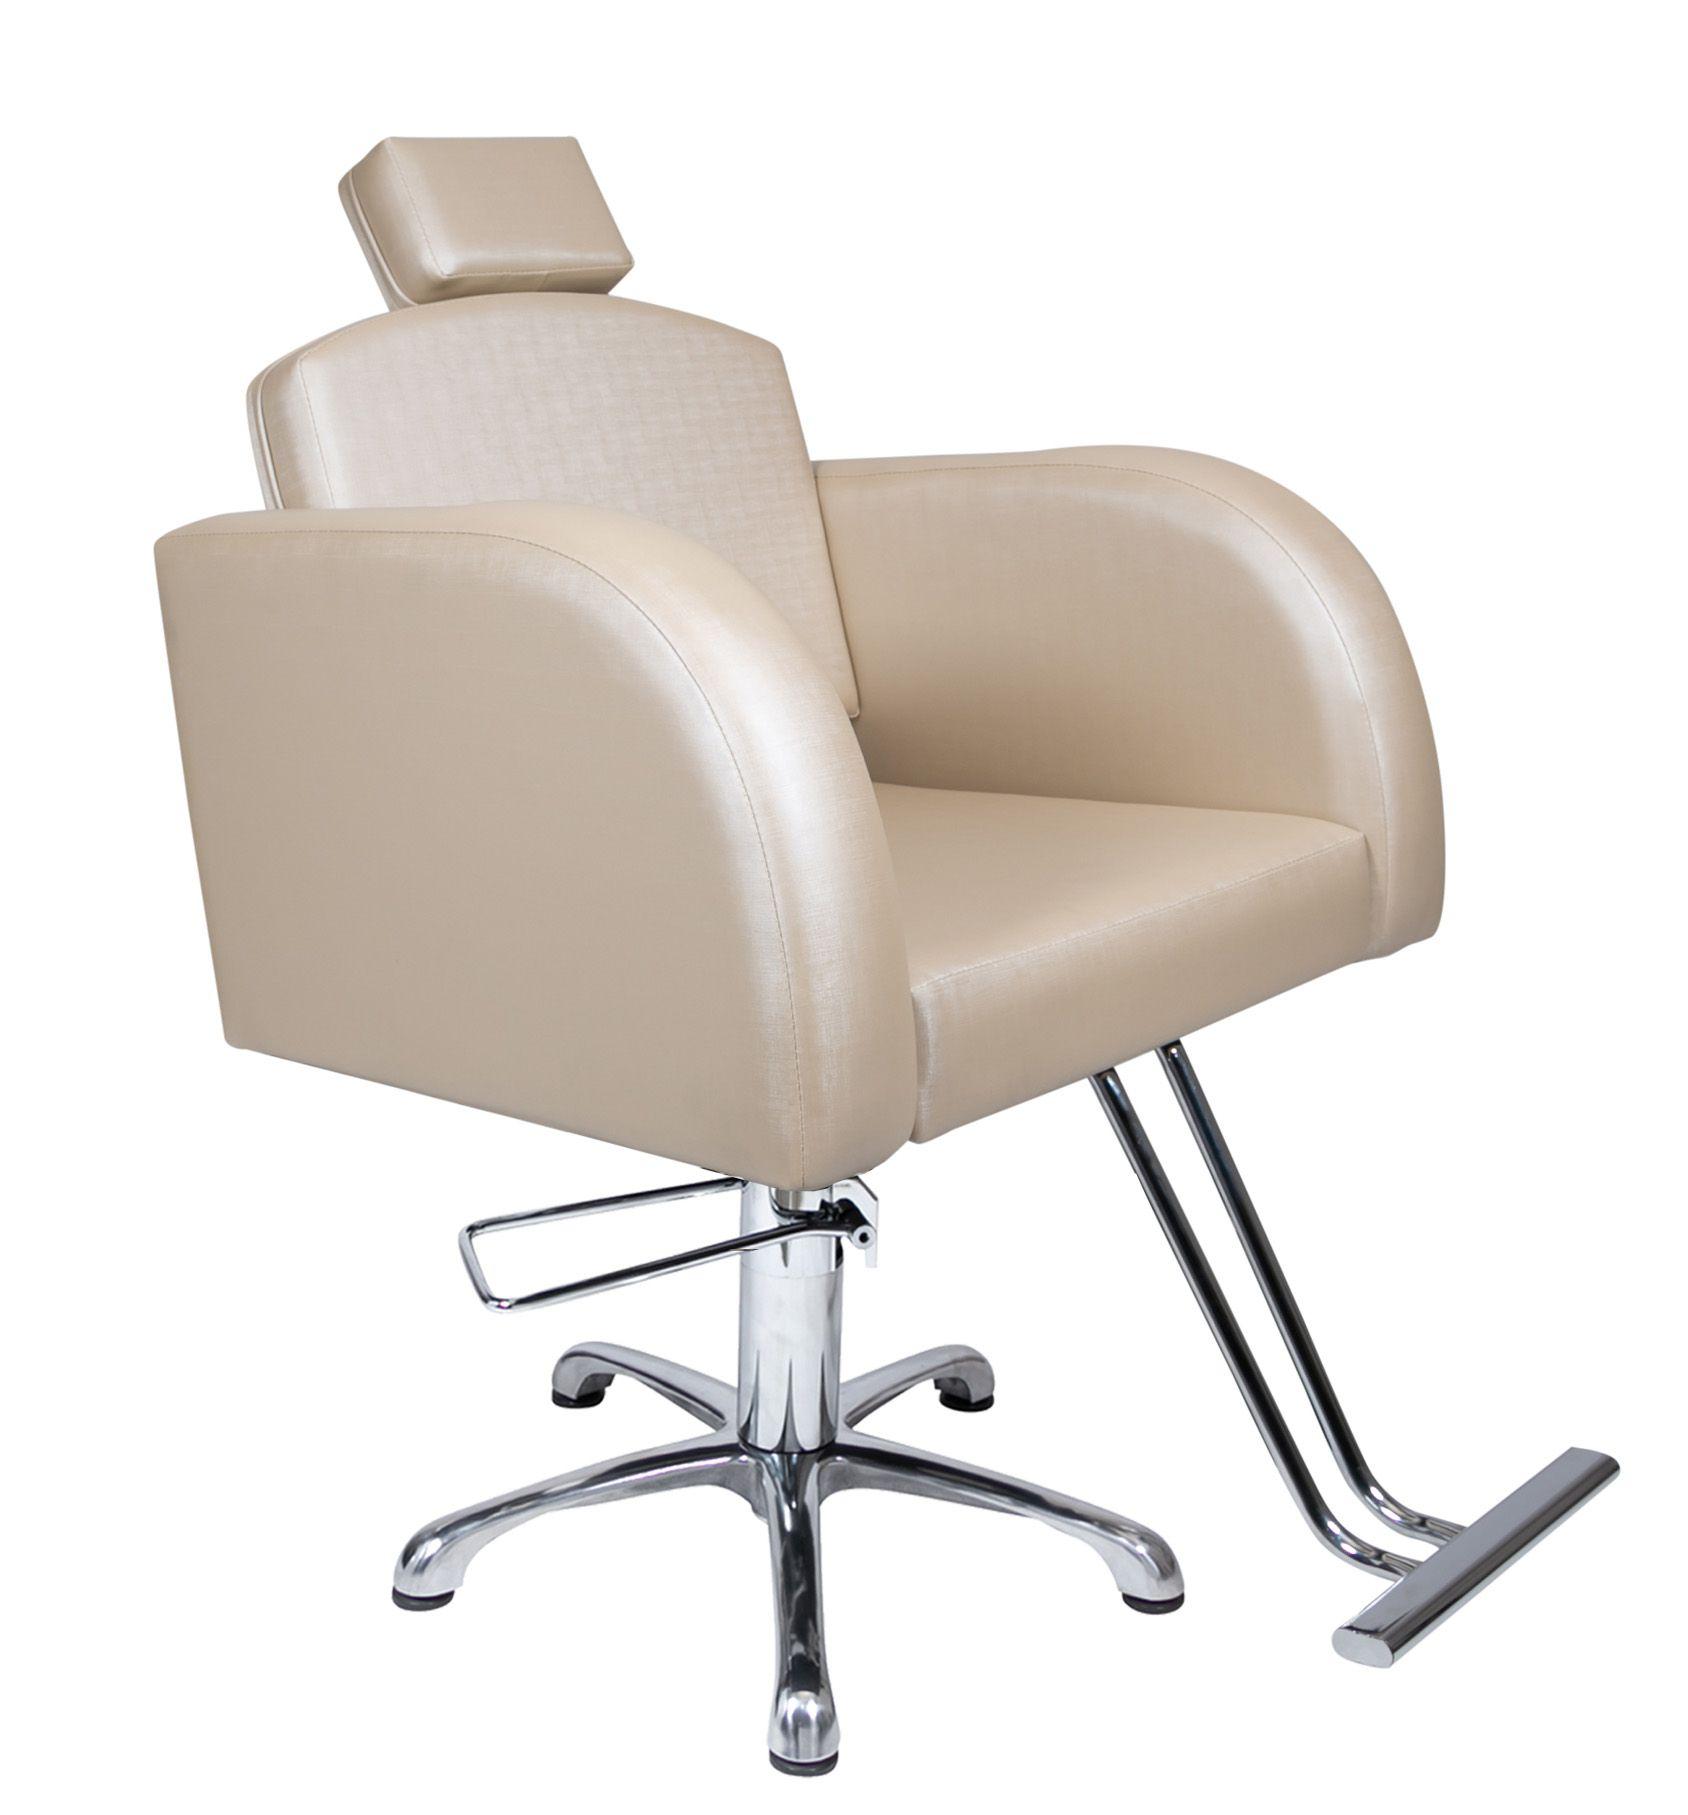 Poltrona Cadeira Hidráulica Destak Fixa Para Salão Bege Factor